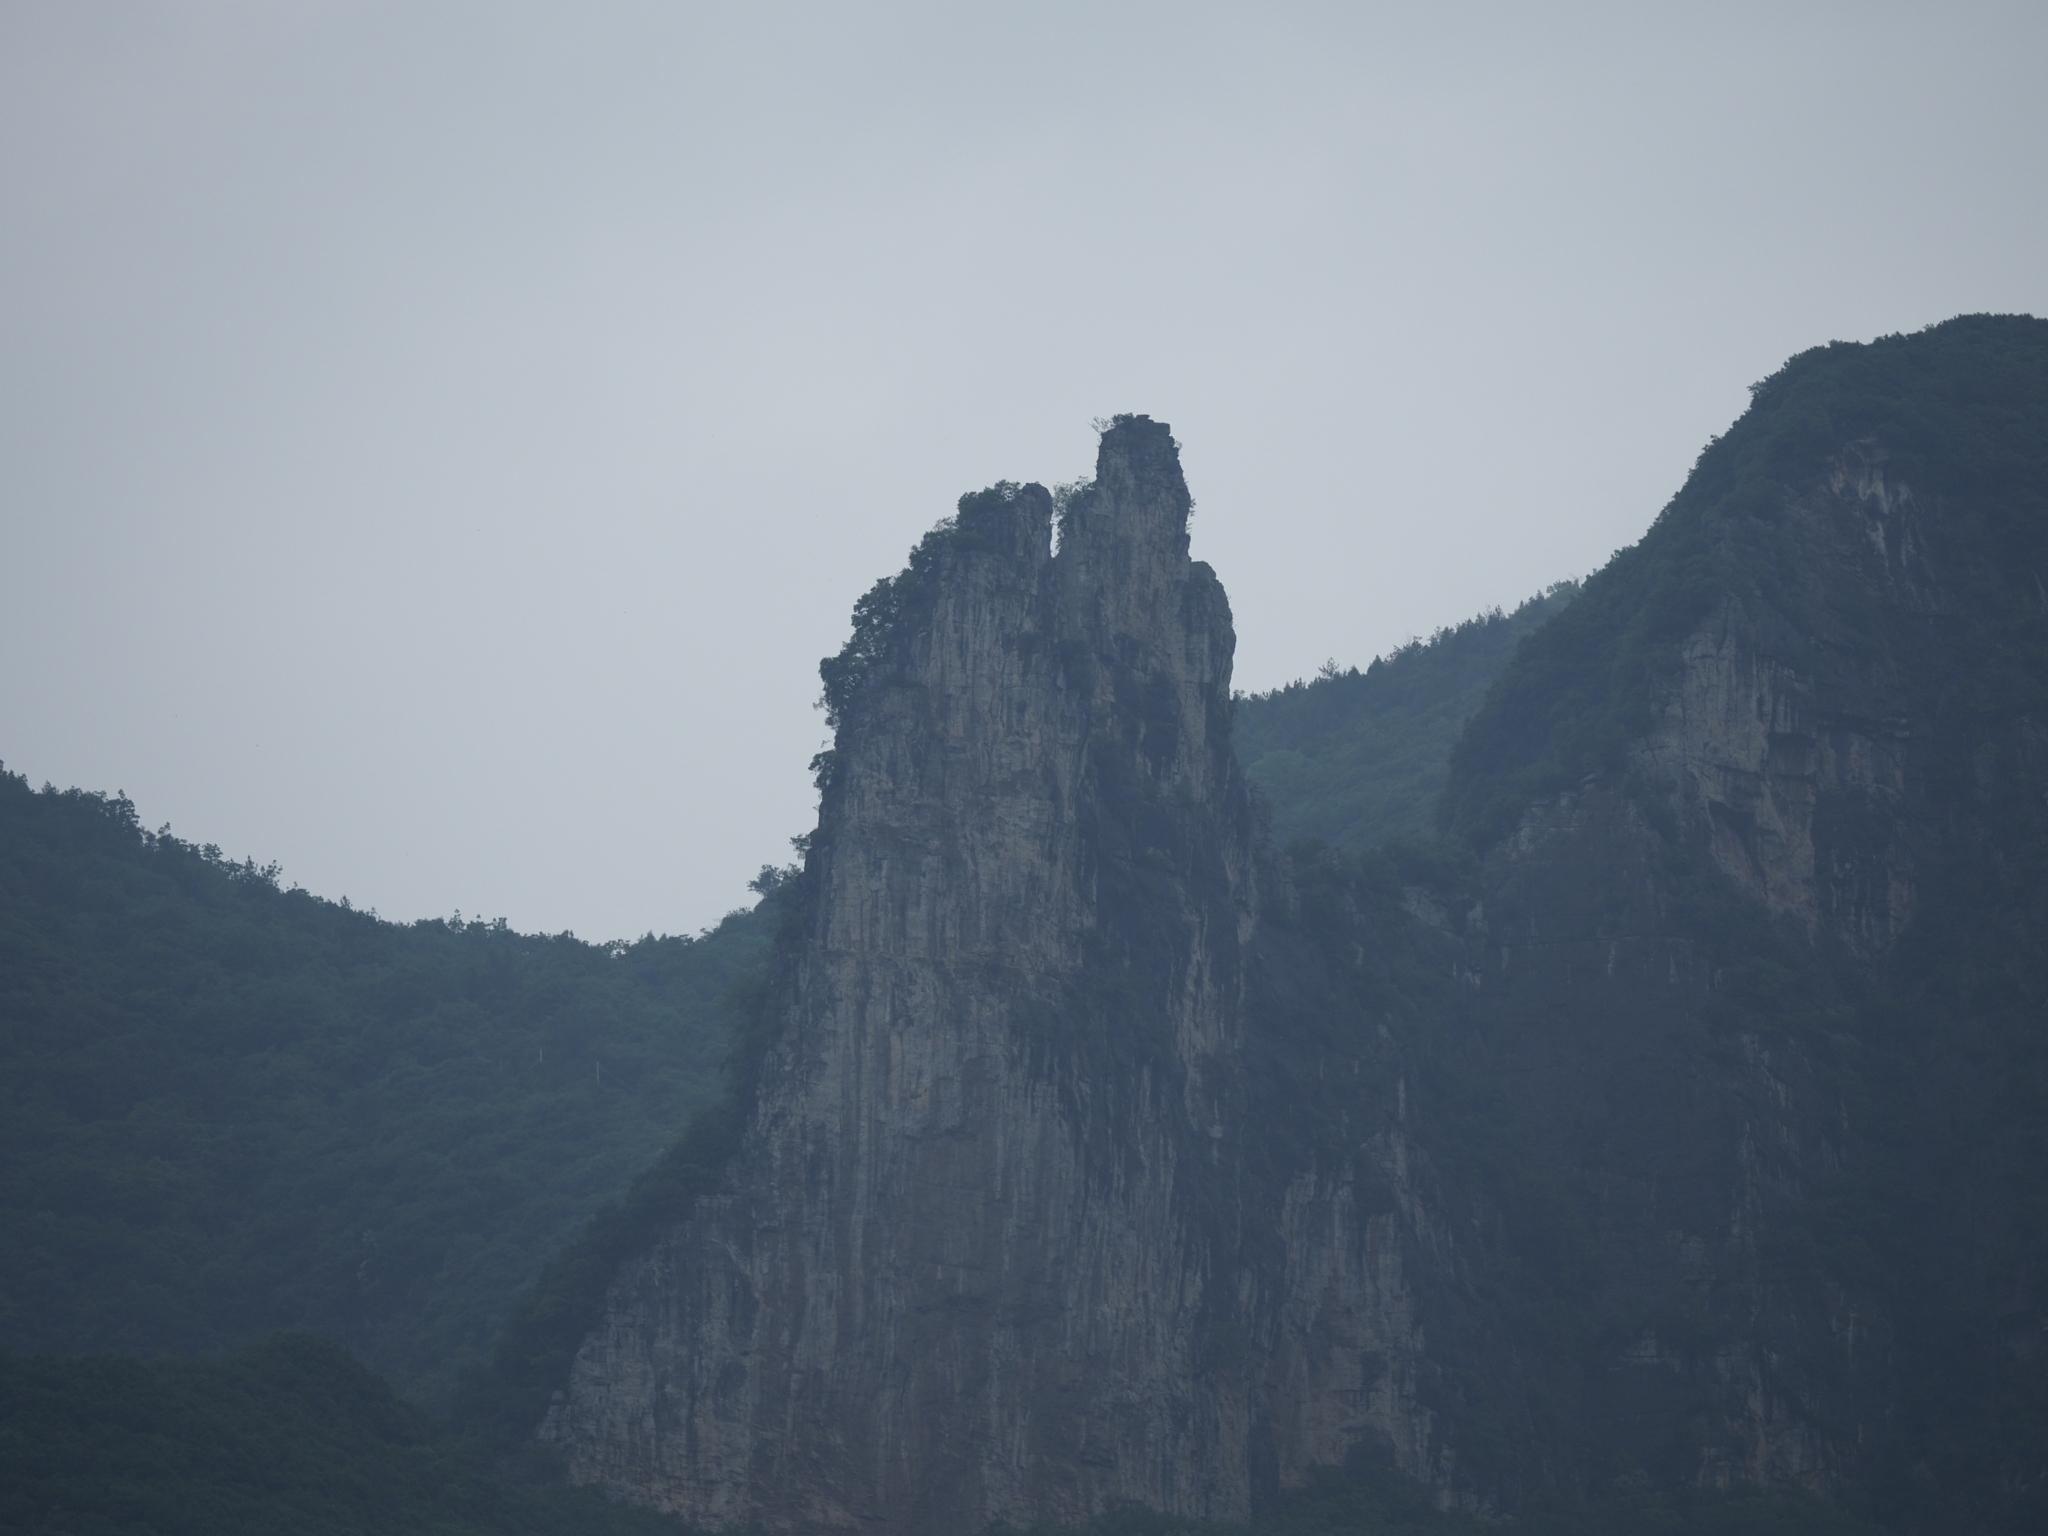 神女峰(shén nǚ fēng)